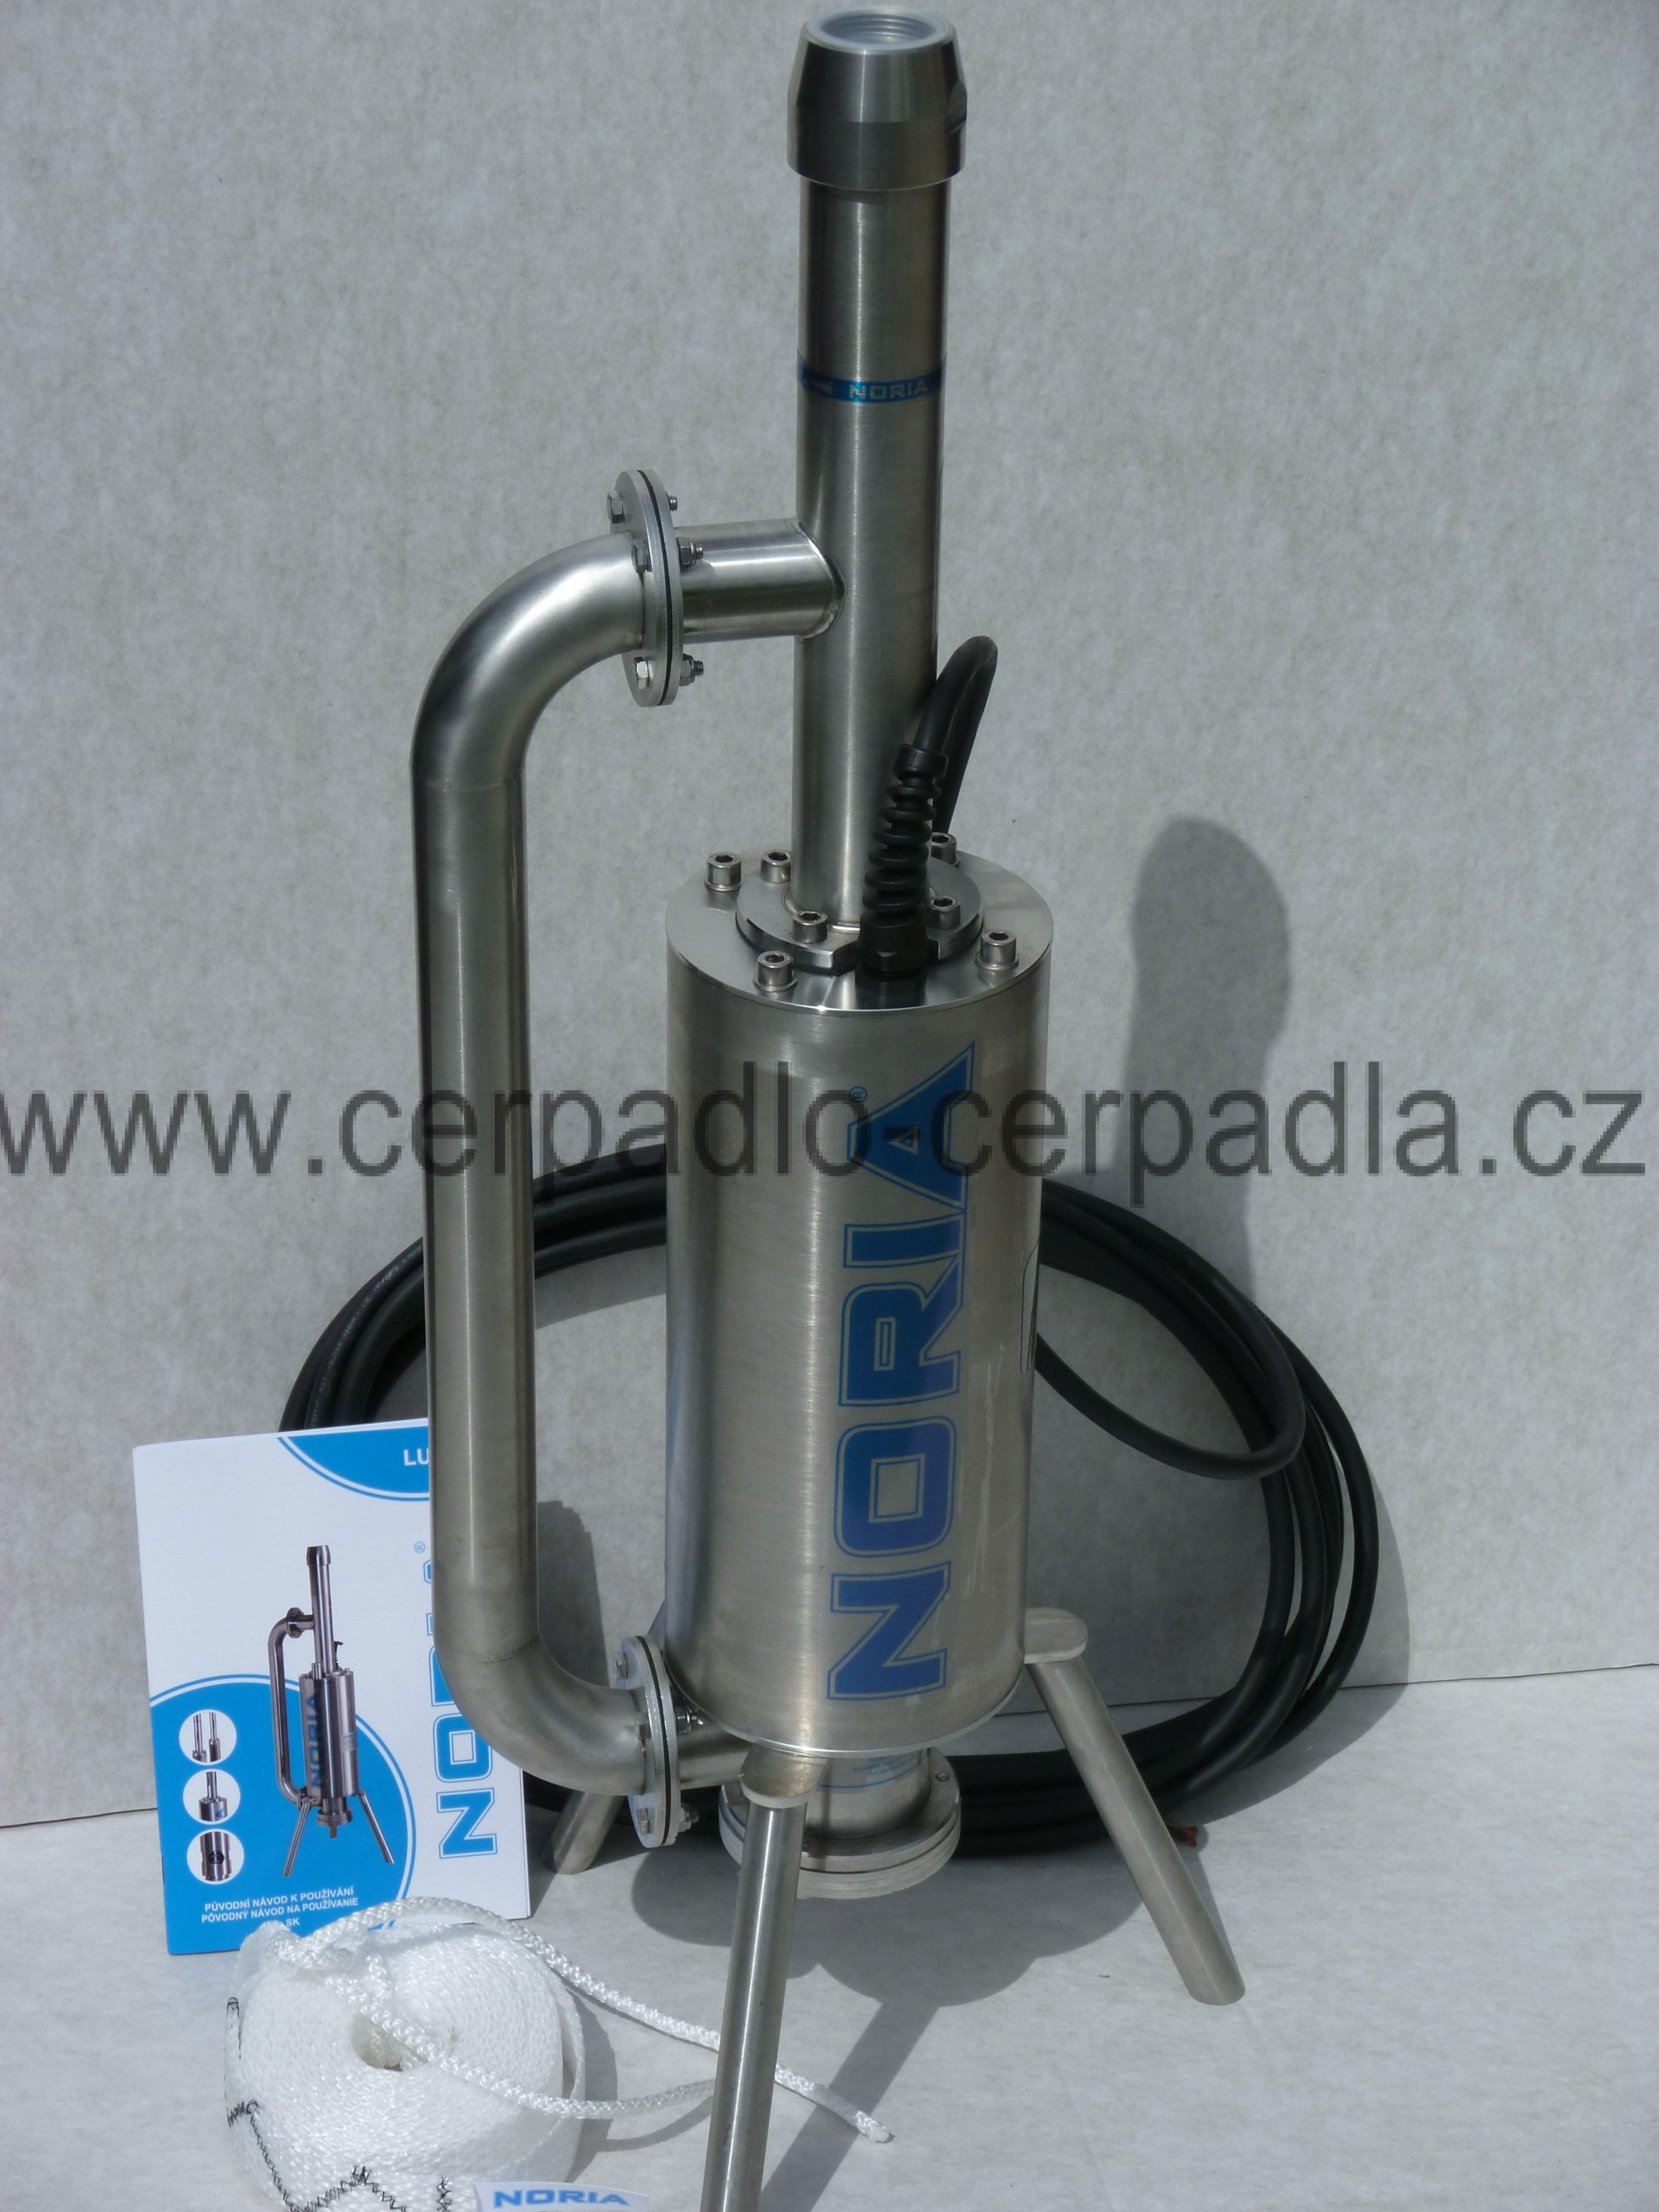 NORIA LUCA-100-16-N3, 20m, kalové čerpadlo (kalové čerpadlo, AKCE DOPRAVA ZDARMA, kalová čerpadla LUCA, podobné jako EFRU)